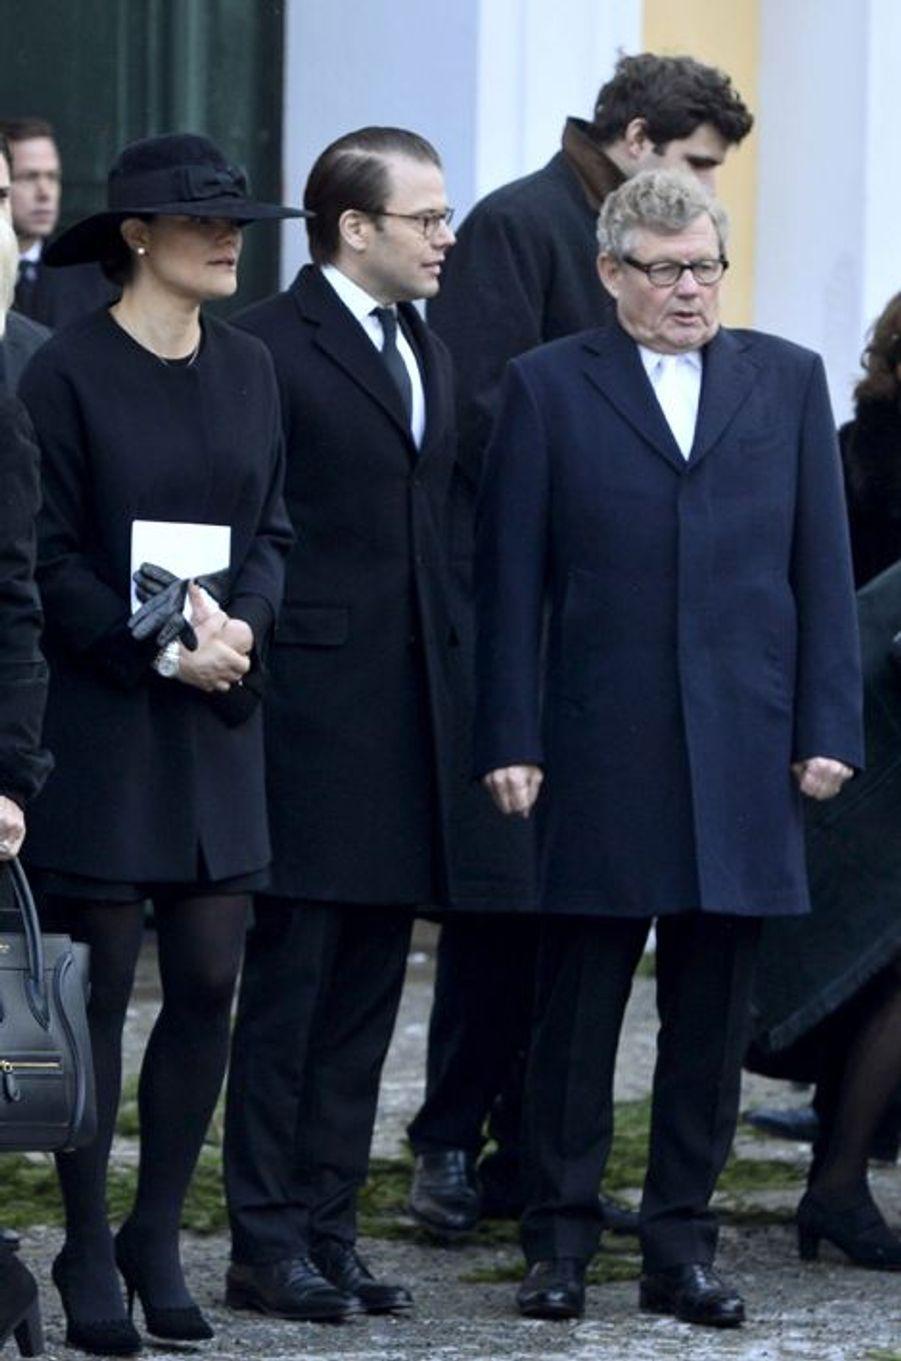 La princesse Victoria et le prince Daniel à l'office pour Peter Wallenberg à Stockholm, le 4 février 2015